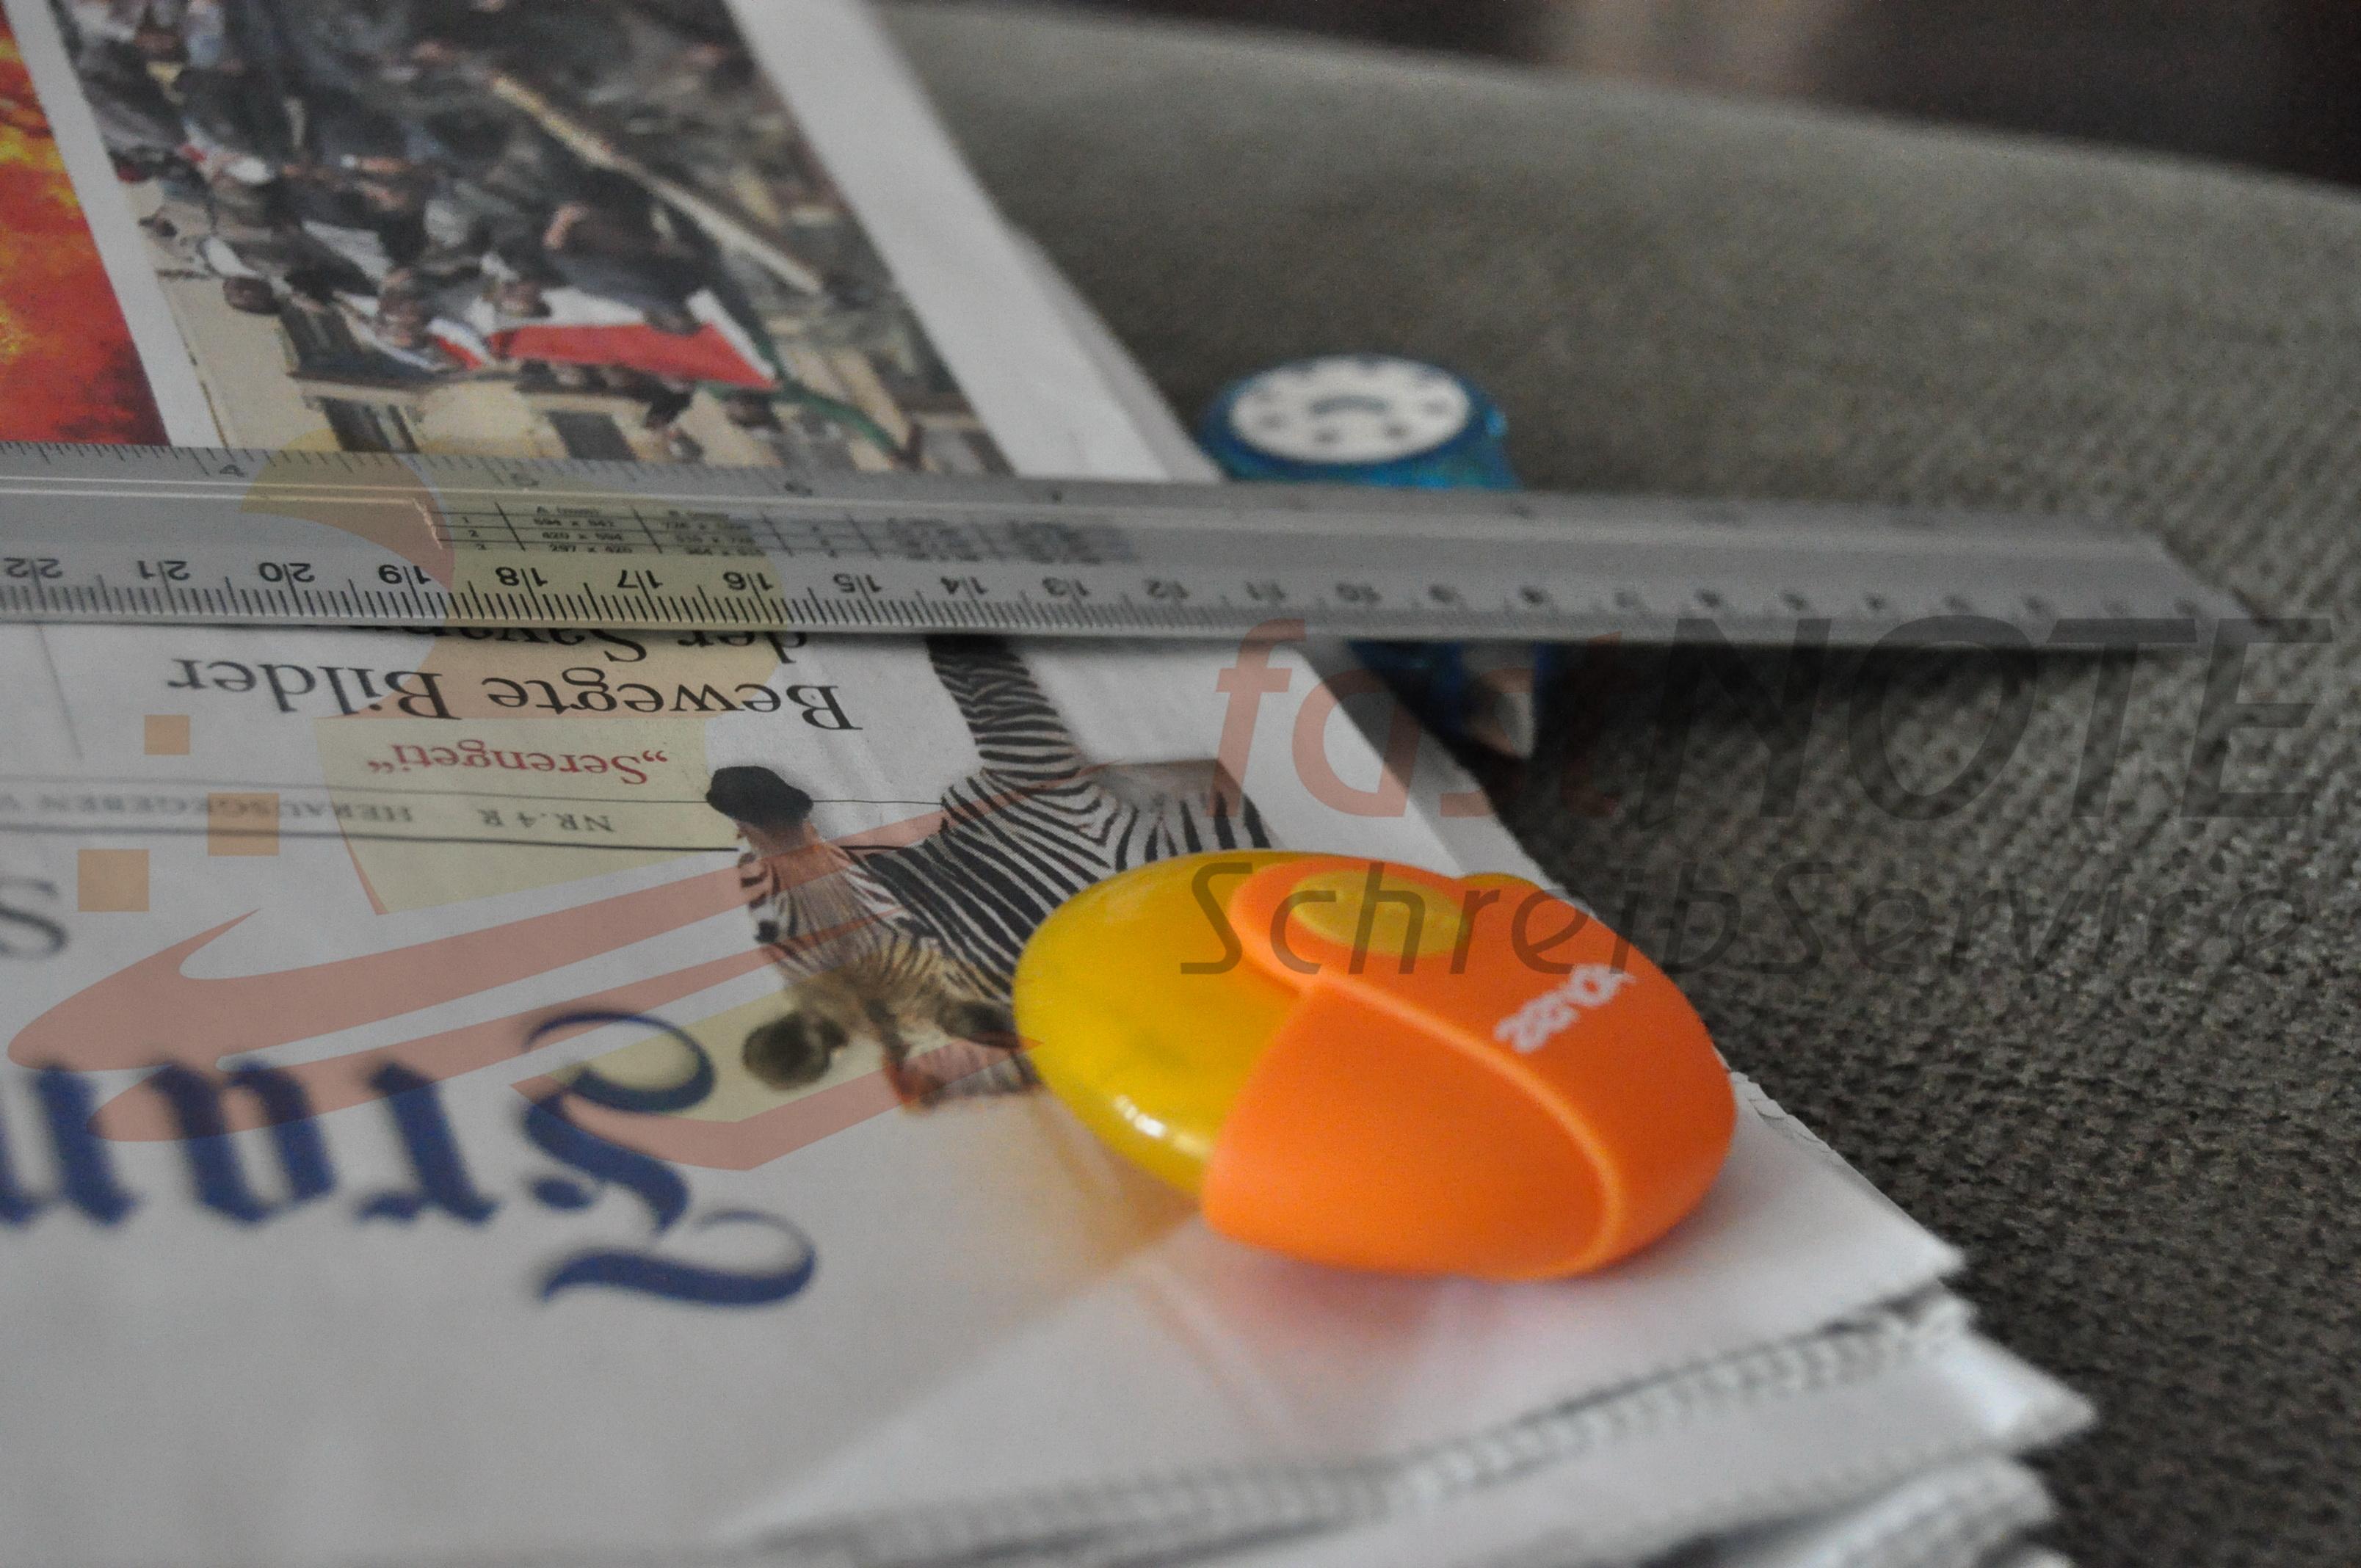 Adressen aus Magazinen und Zeitungen erfassen